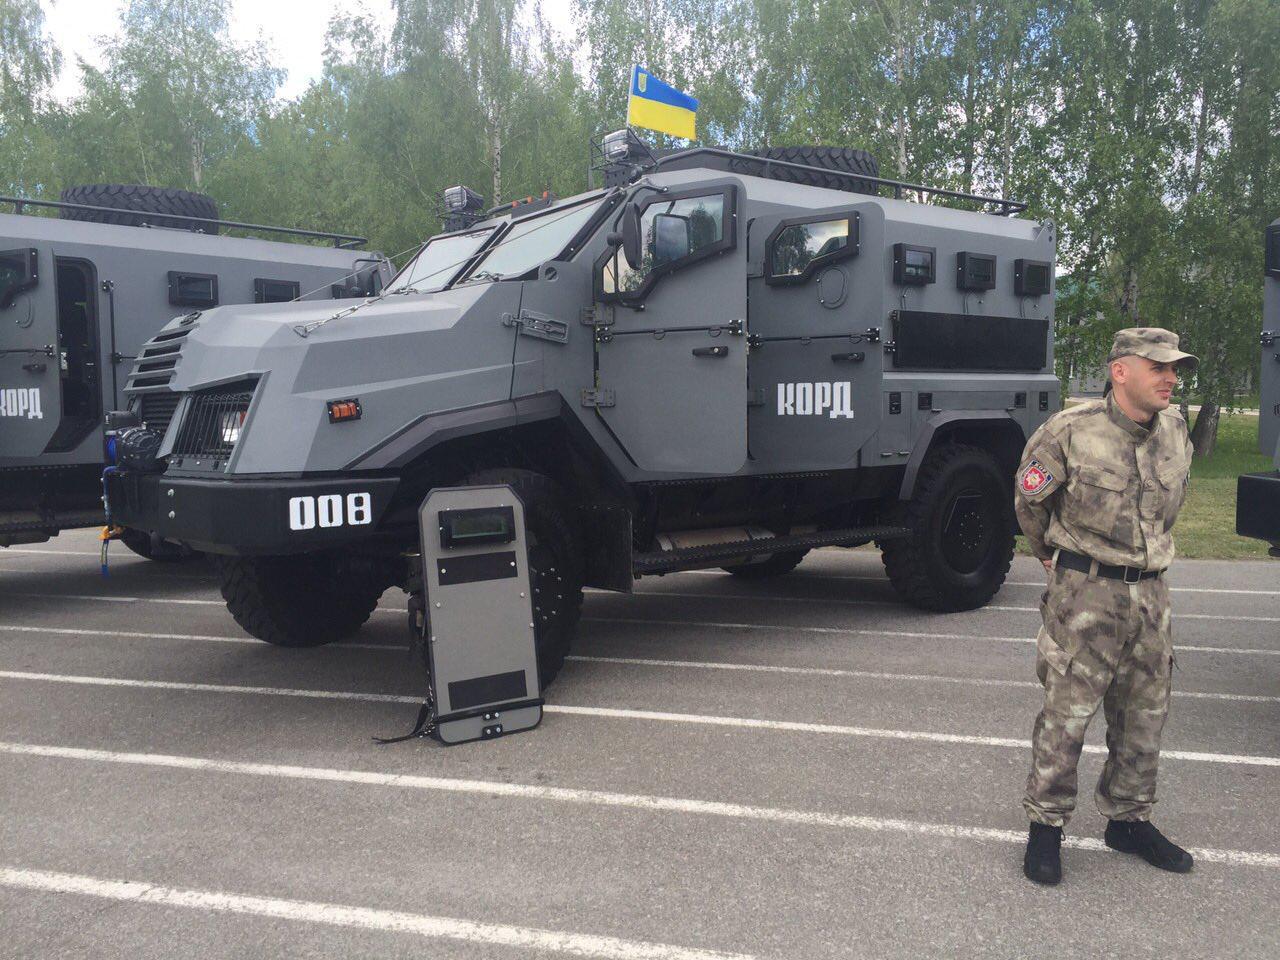 Украинский спецназ МВД получил первые бронемашины «Варта-2»